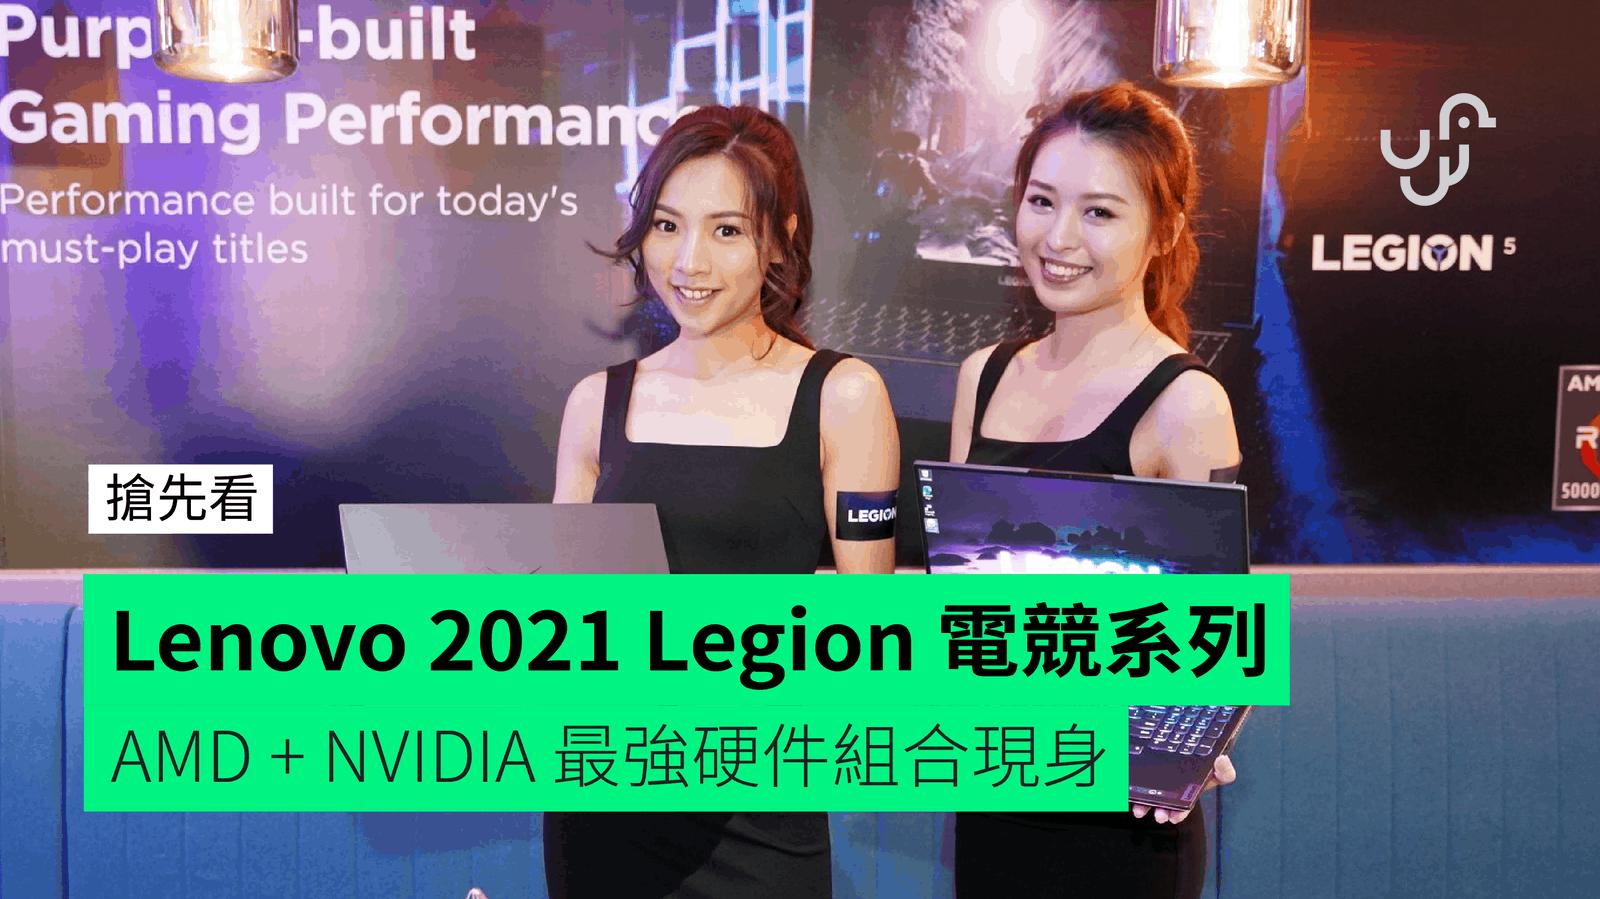 联想2021推出全新Legion AMD + NVIDIA游戏系列成为最强硬件组合